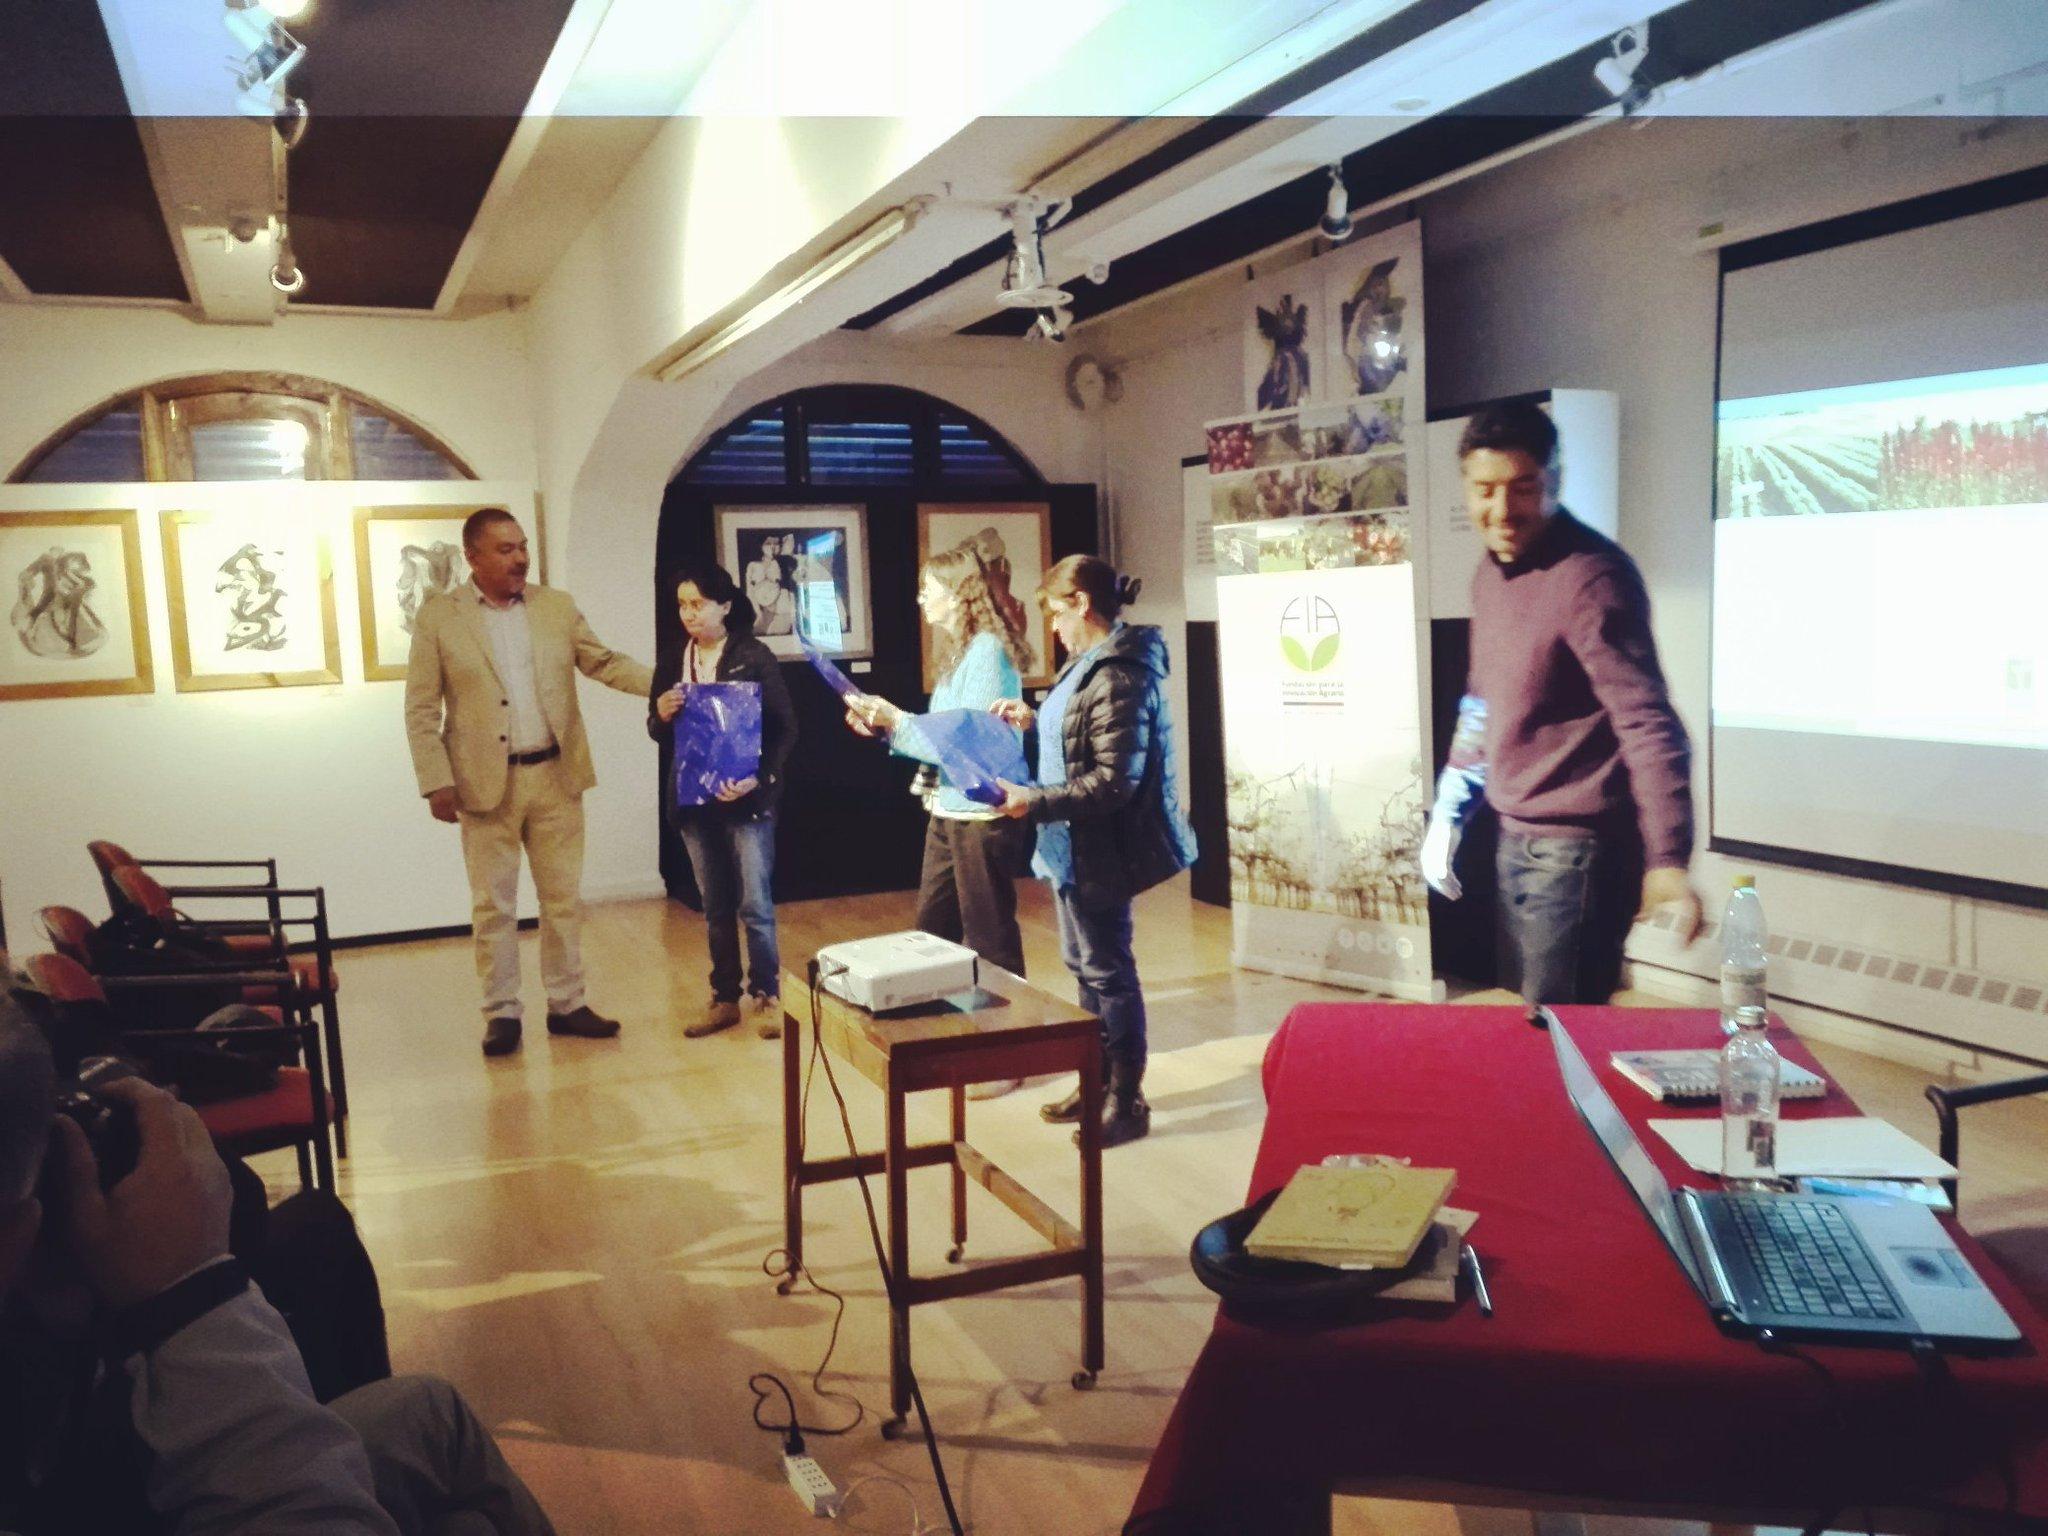 """Excelente seminario de cierre de estudio """"Línea de base para la producción agroecológica de la #quinoa #Huilliche en la Isla Grande de #Chiloé: un patrimonio natural al sur del mundo"""". Gracias por la confianza y buena acogida a todos los productores!!! @ucatolica https://t.co/CmkmKQDQz3"""